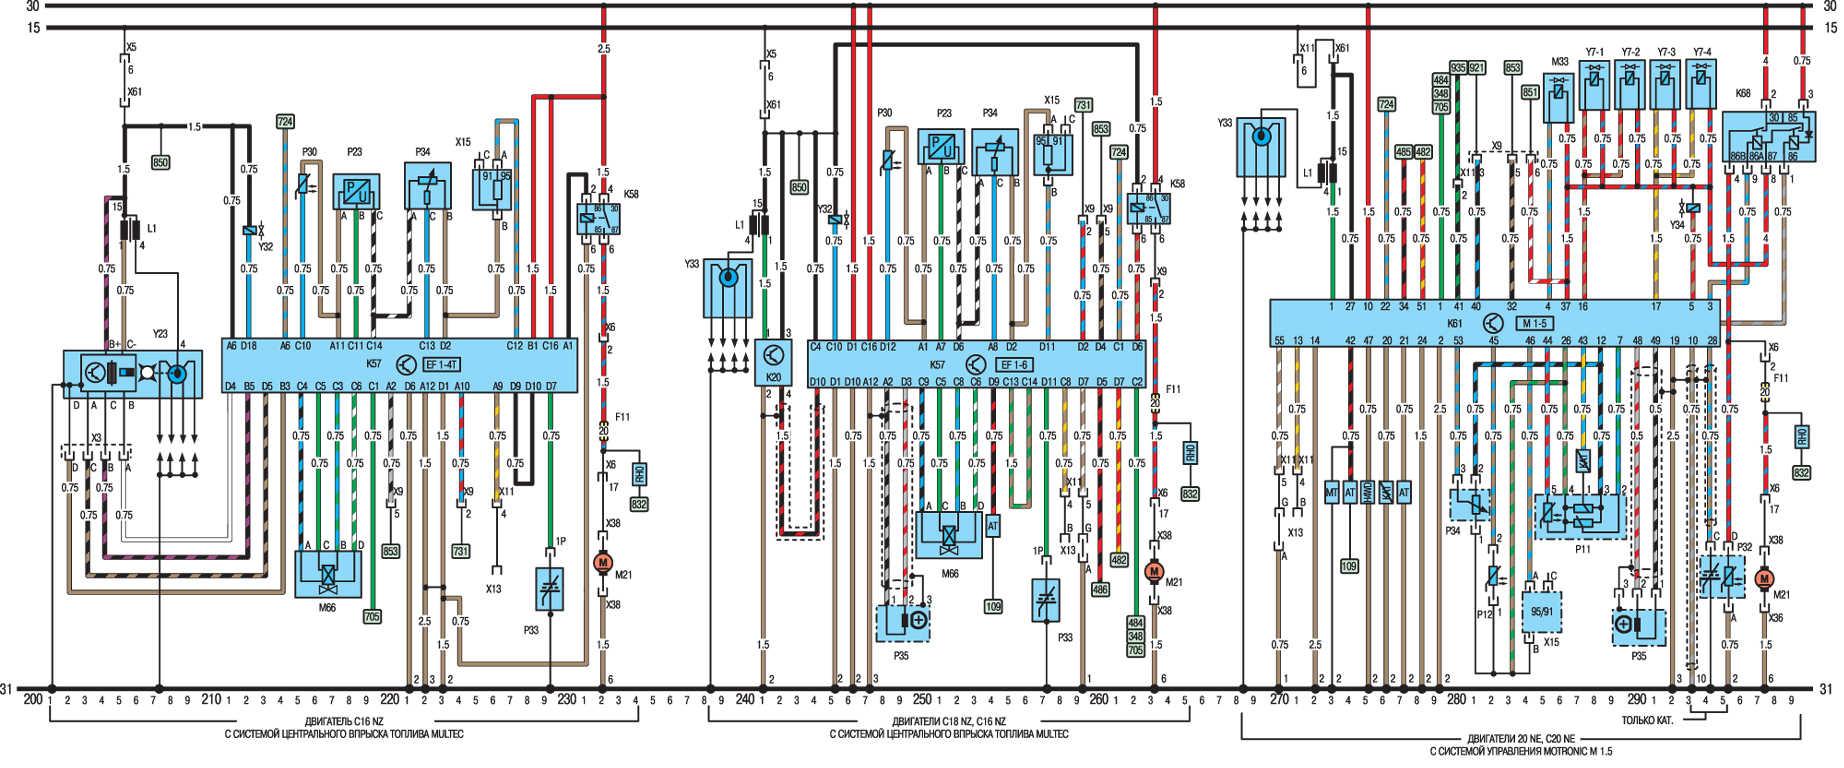 Система охлаждения опель вектра б 2.0 схема